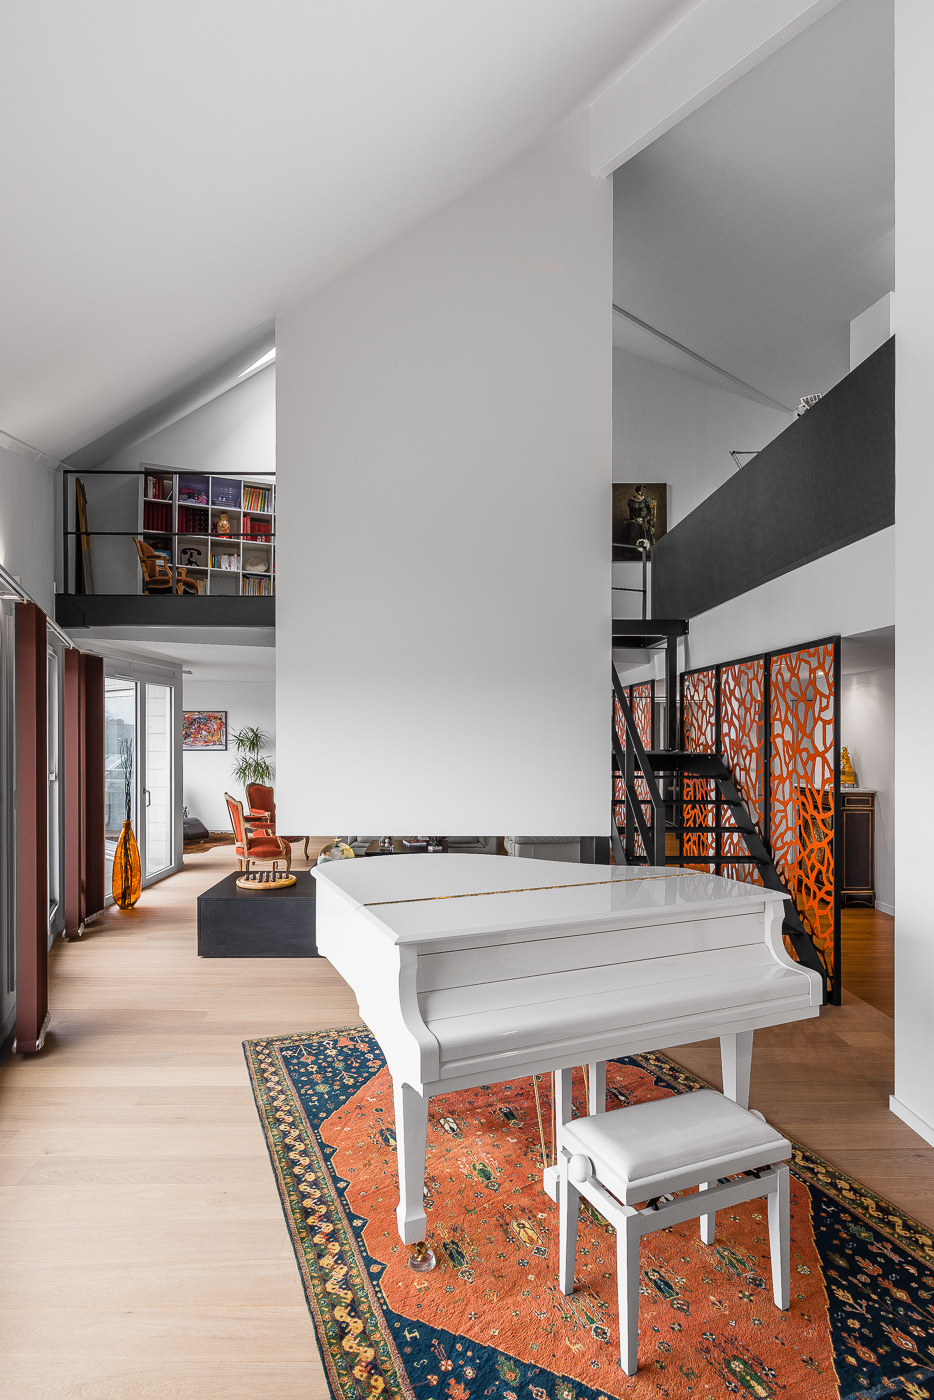 architecte lille PLUX loft duplex industriel poutre métal brut charpente parquet cuisine ilot piano à queue décoration intérieur (5)